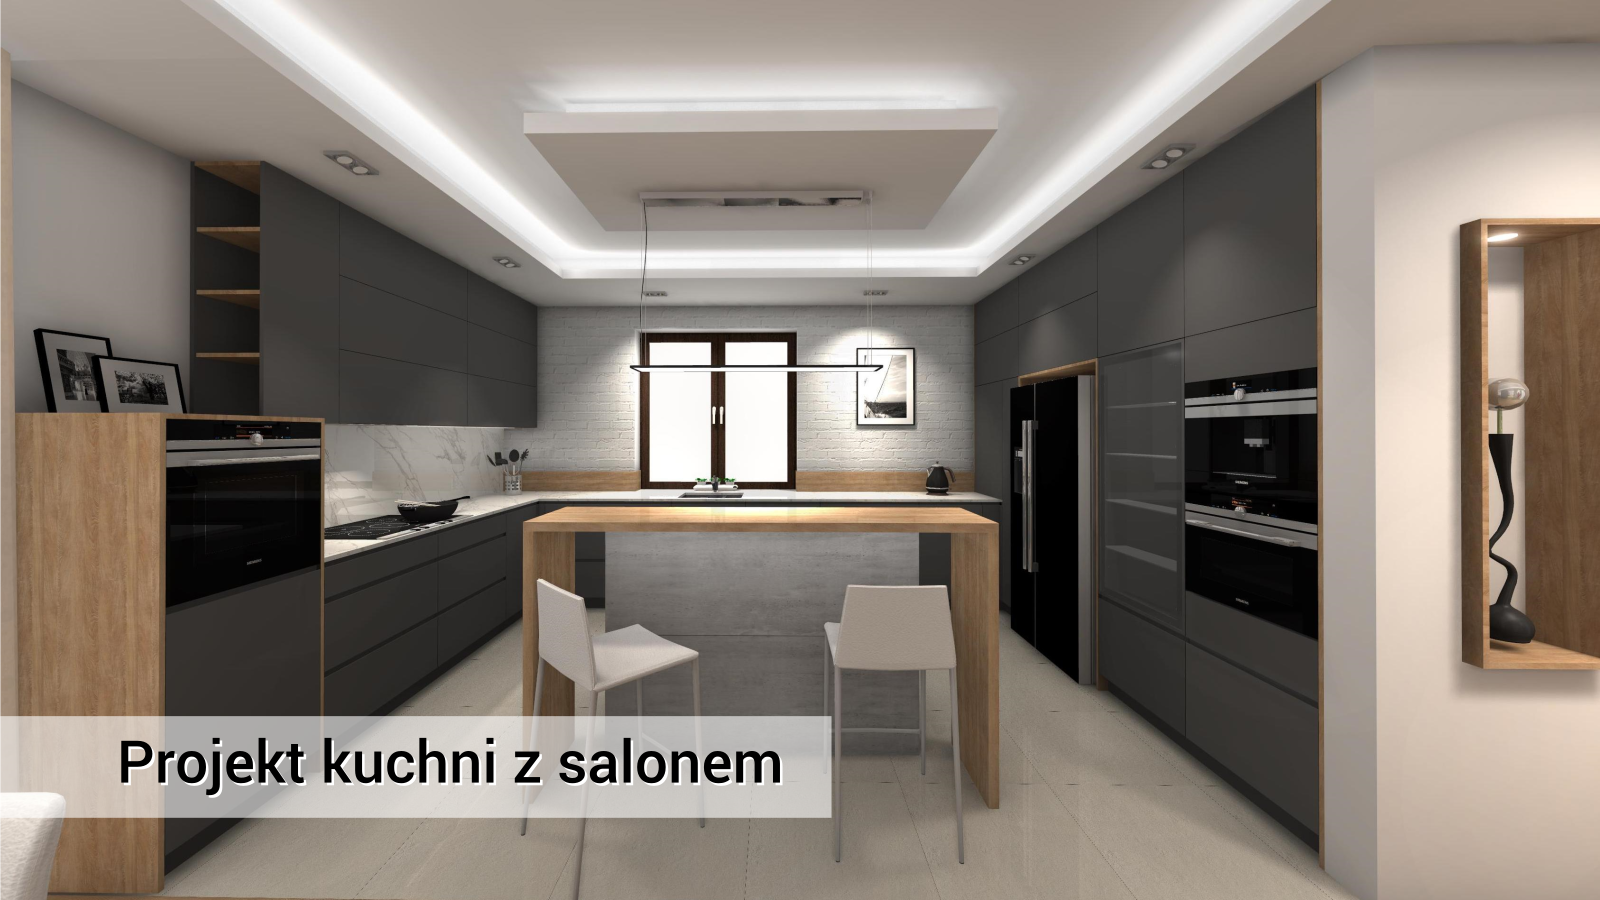 Kuchnia-i-salon-Chotomów-styl-nowoczesny-www.ideakuchni.pl